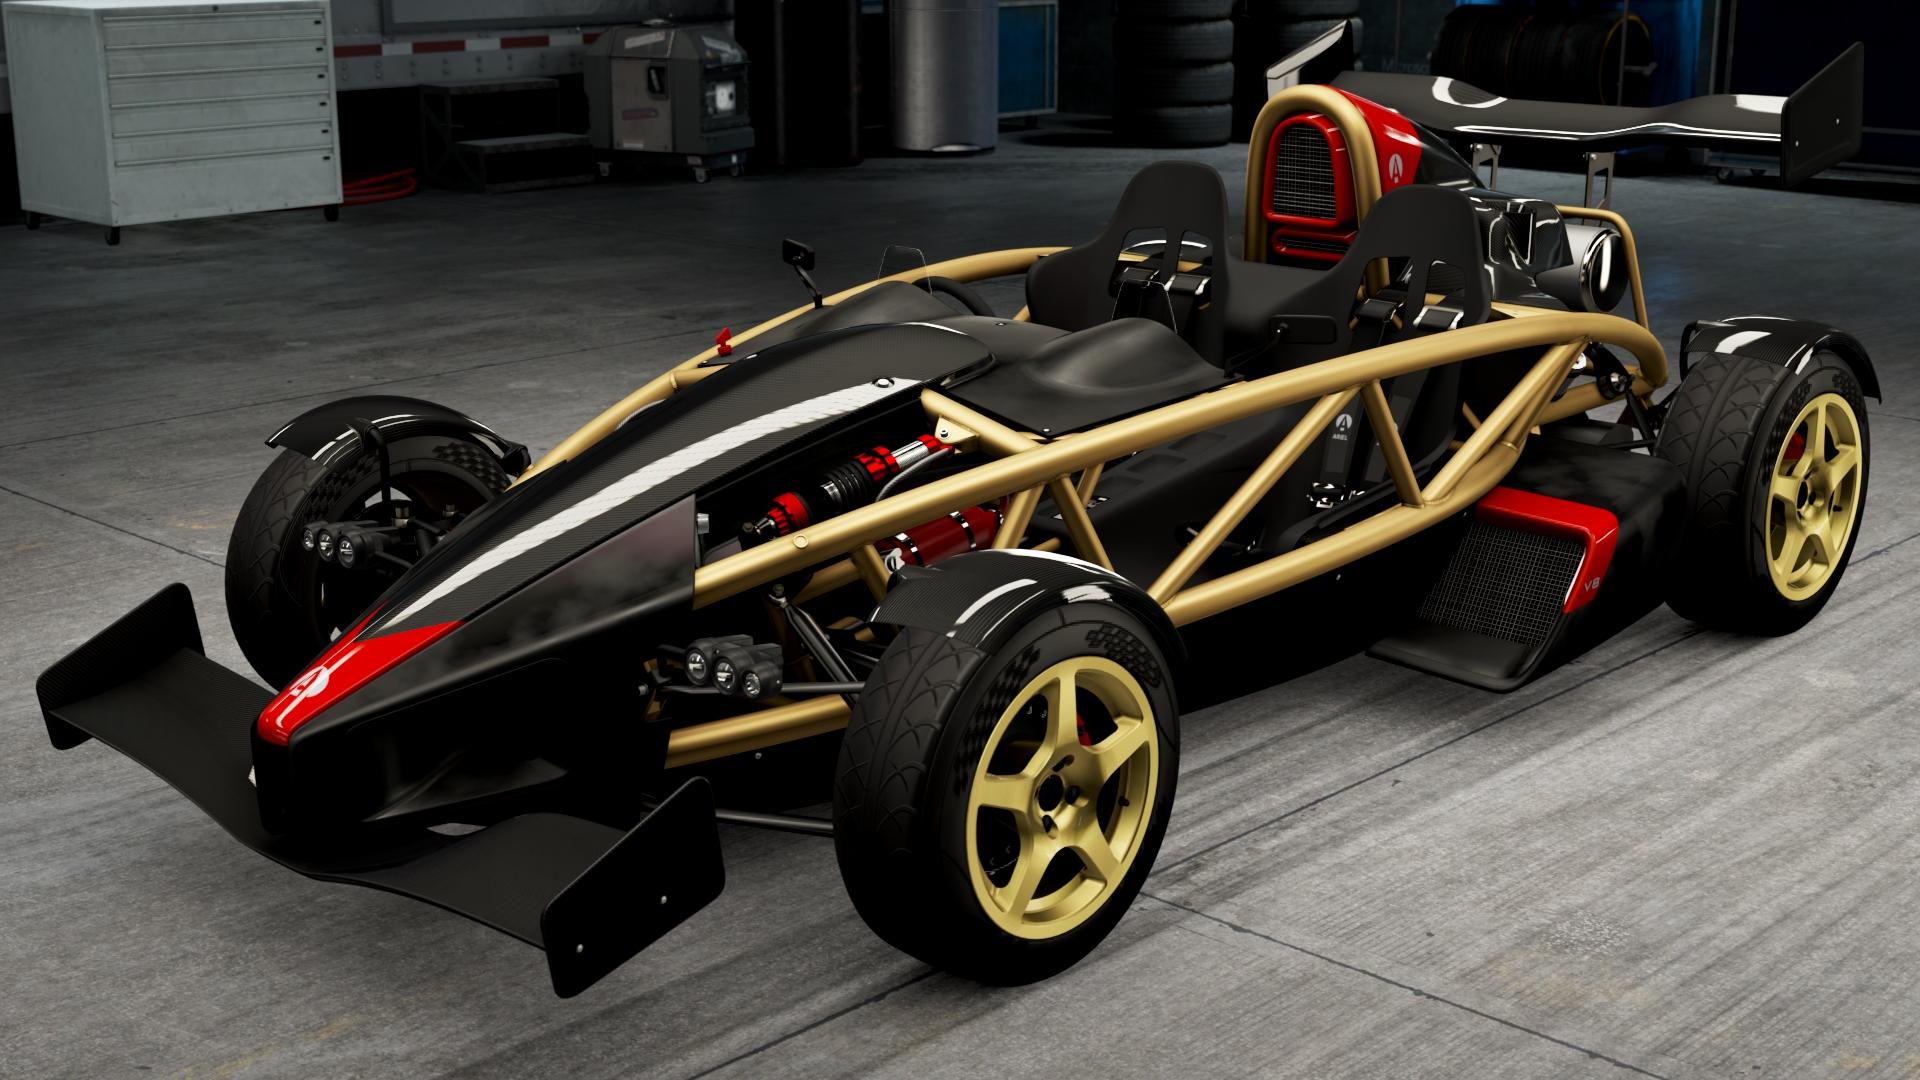 Ariel Atom 500 V8 | Forza Motorsport Wiki | FANDOM powered by Wikia